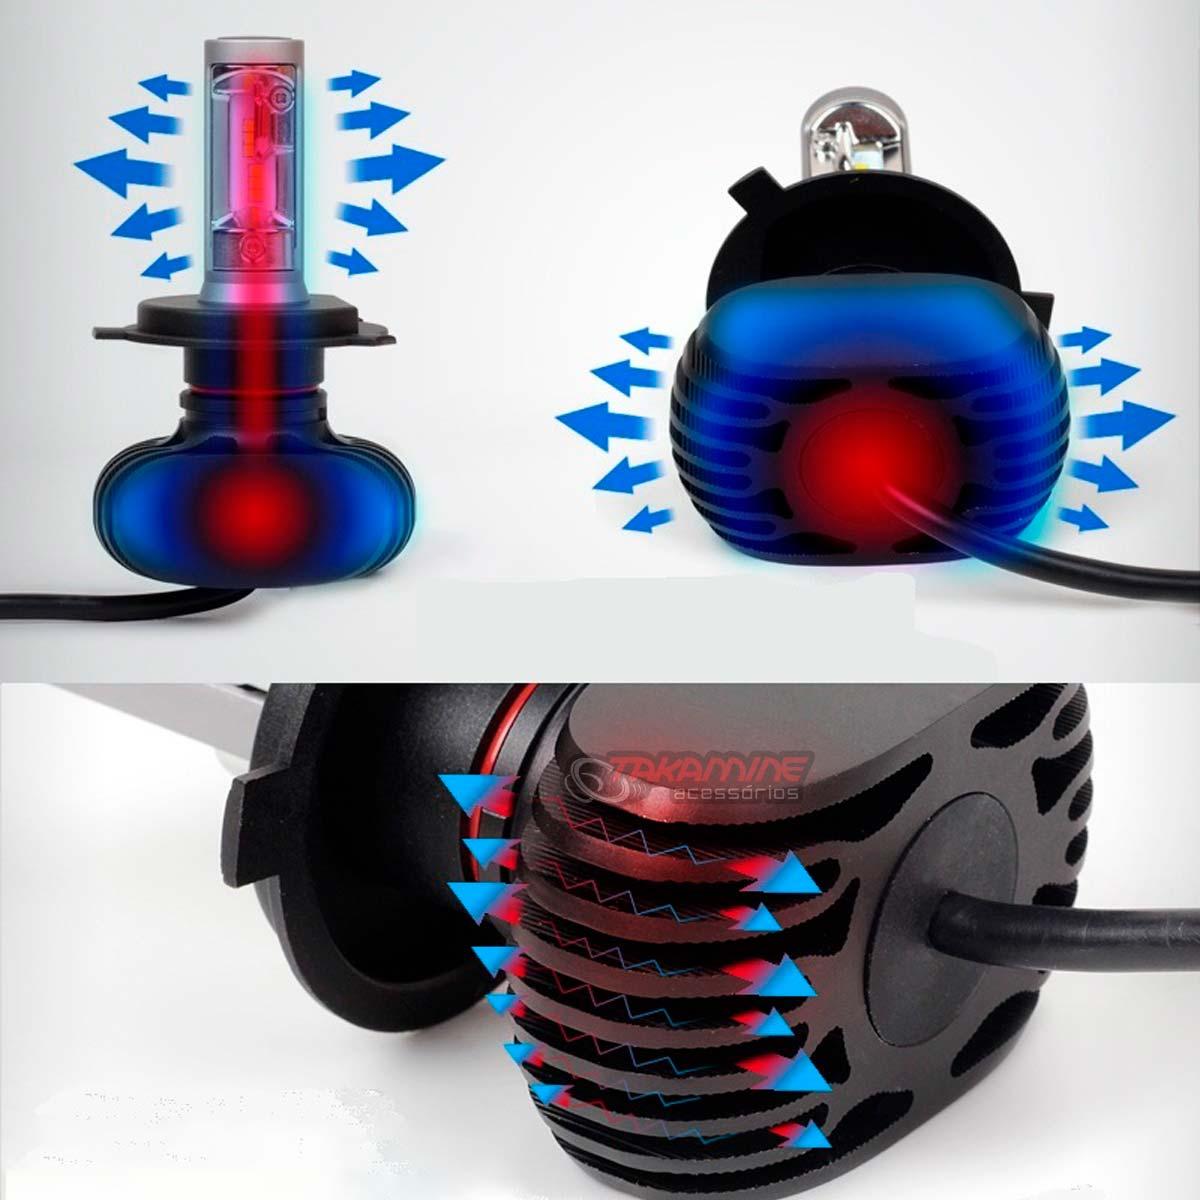 Kit Ultra LED Saveiro G3 farol duplo 2000 2001 2002 2003 2004 2005 tipo xenon farol baixo H7 50W